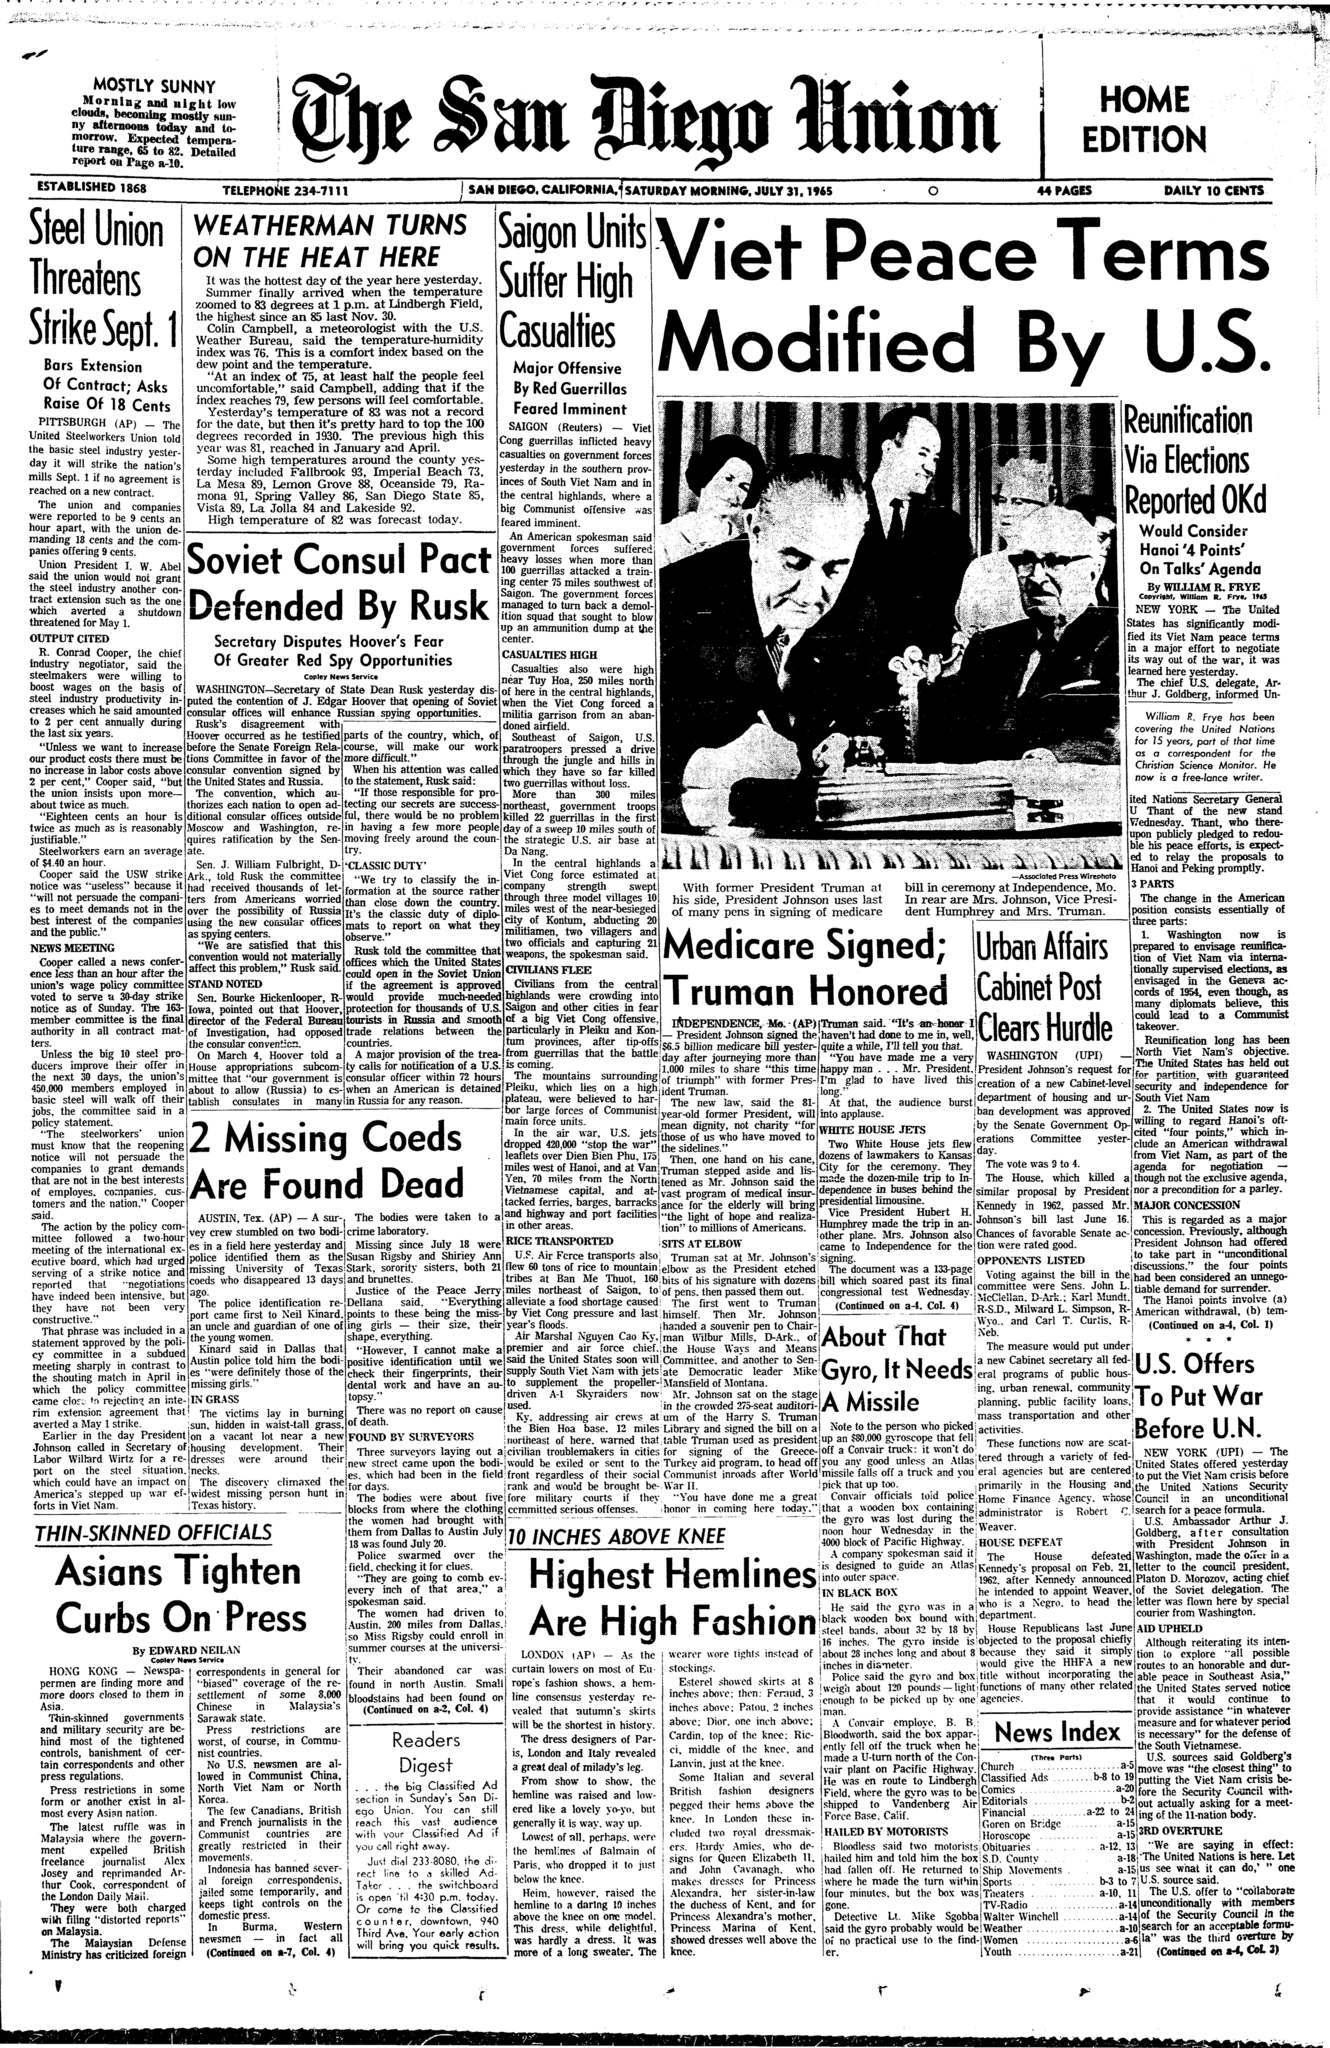 July 31, 1965